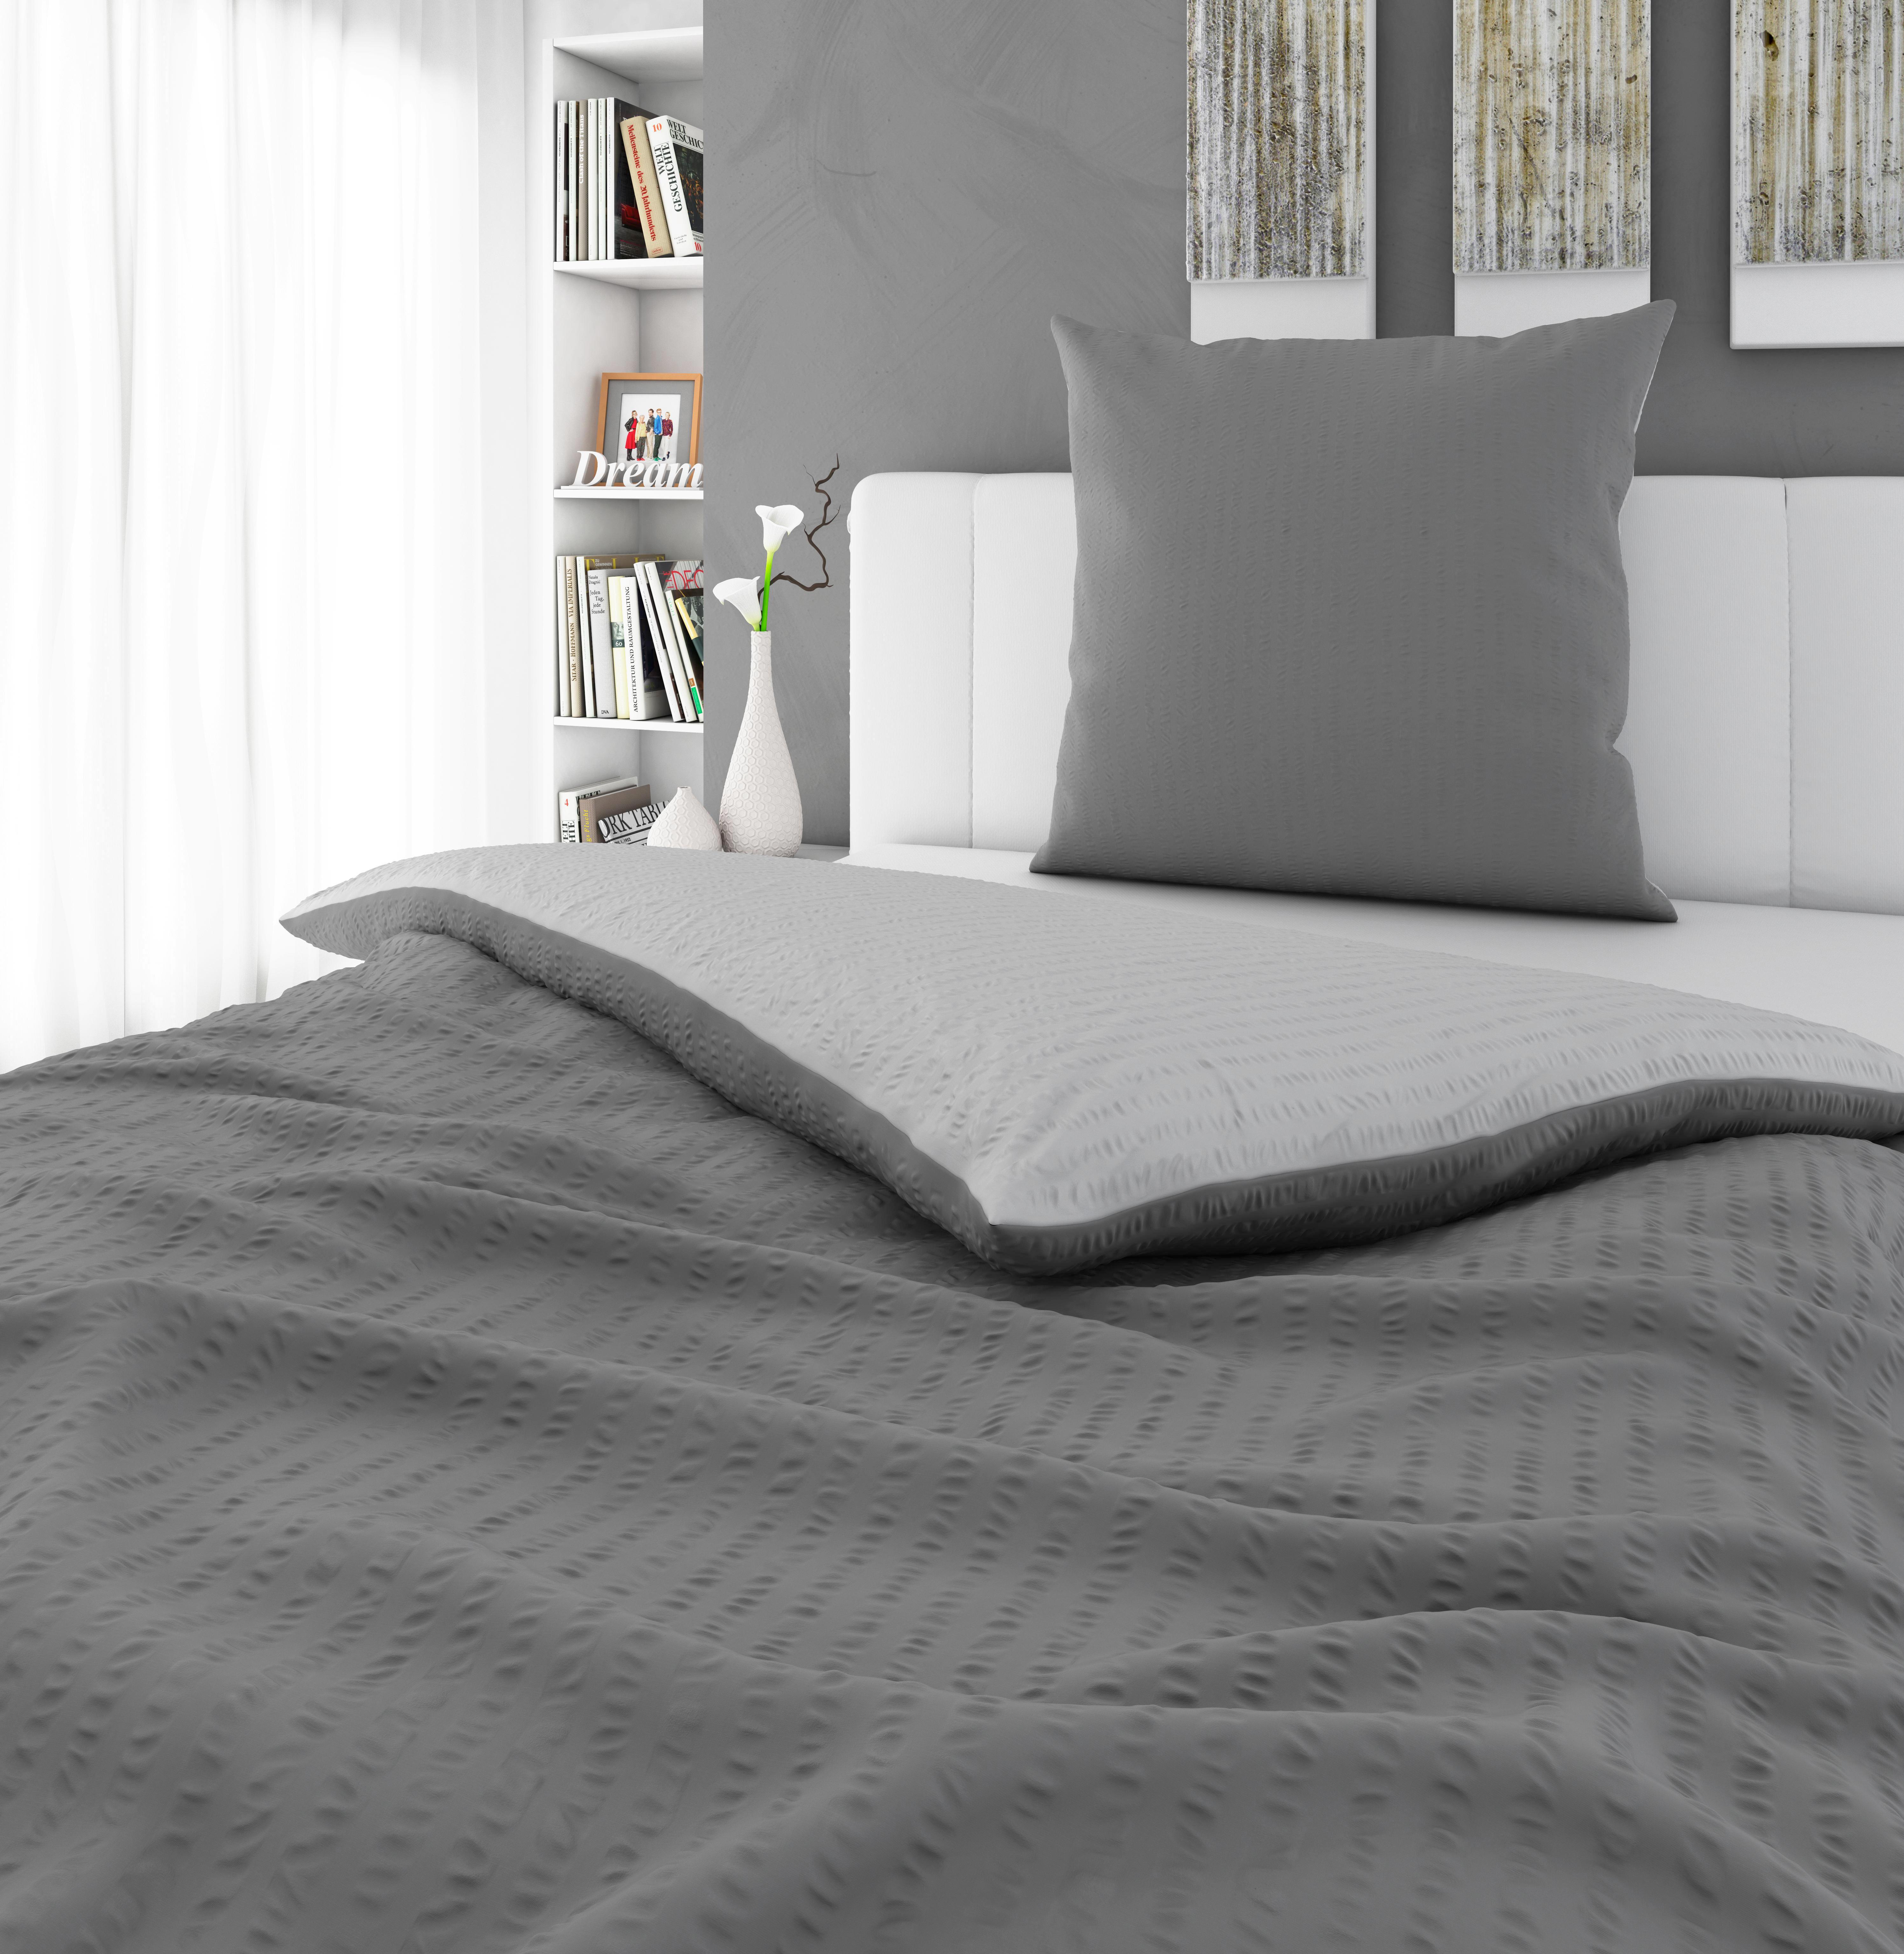 BETTWÄSCHE Seersucker Grau, Silberfarben 155/220 cm - Silberfarben/Grau, KONVENTIONELL, Textil (155/220cm) - NOVEL